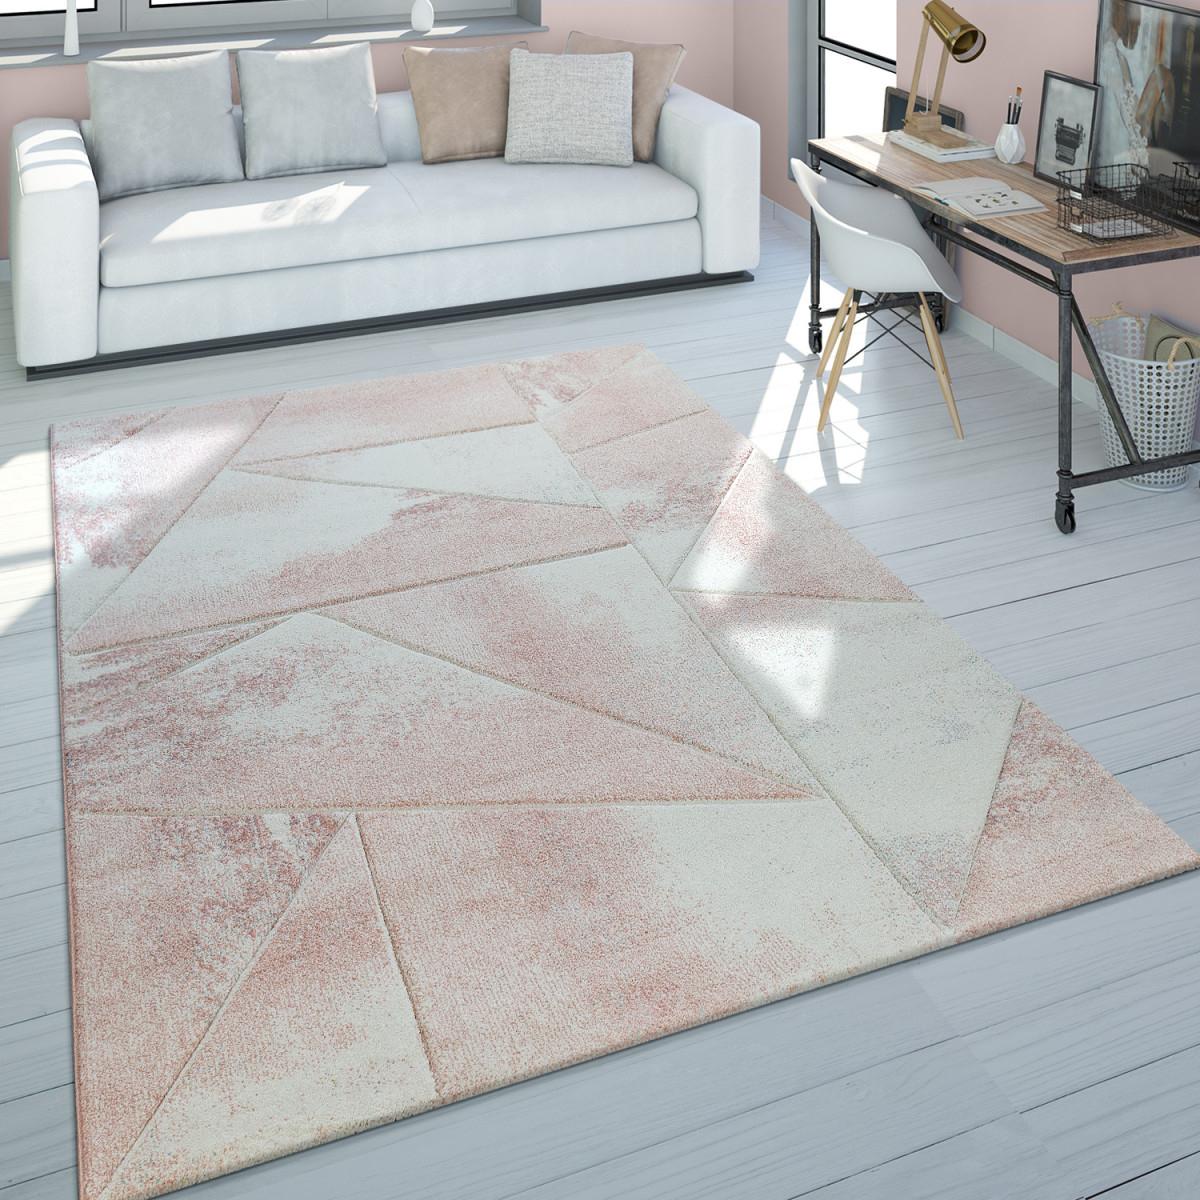 Details Zu Teppich Wohnzimmer Rosa Kurzflor Pastellfarben Marmor Design  Meliert 3D Muster von Rosa Teppich Wohnzimmer Photo